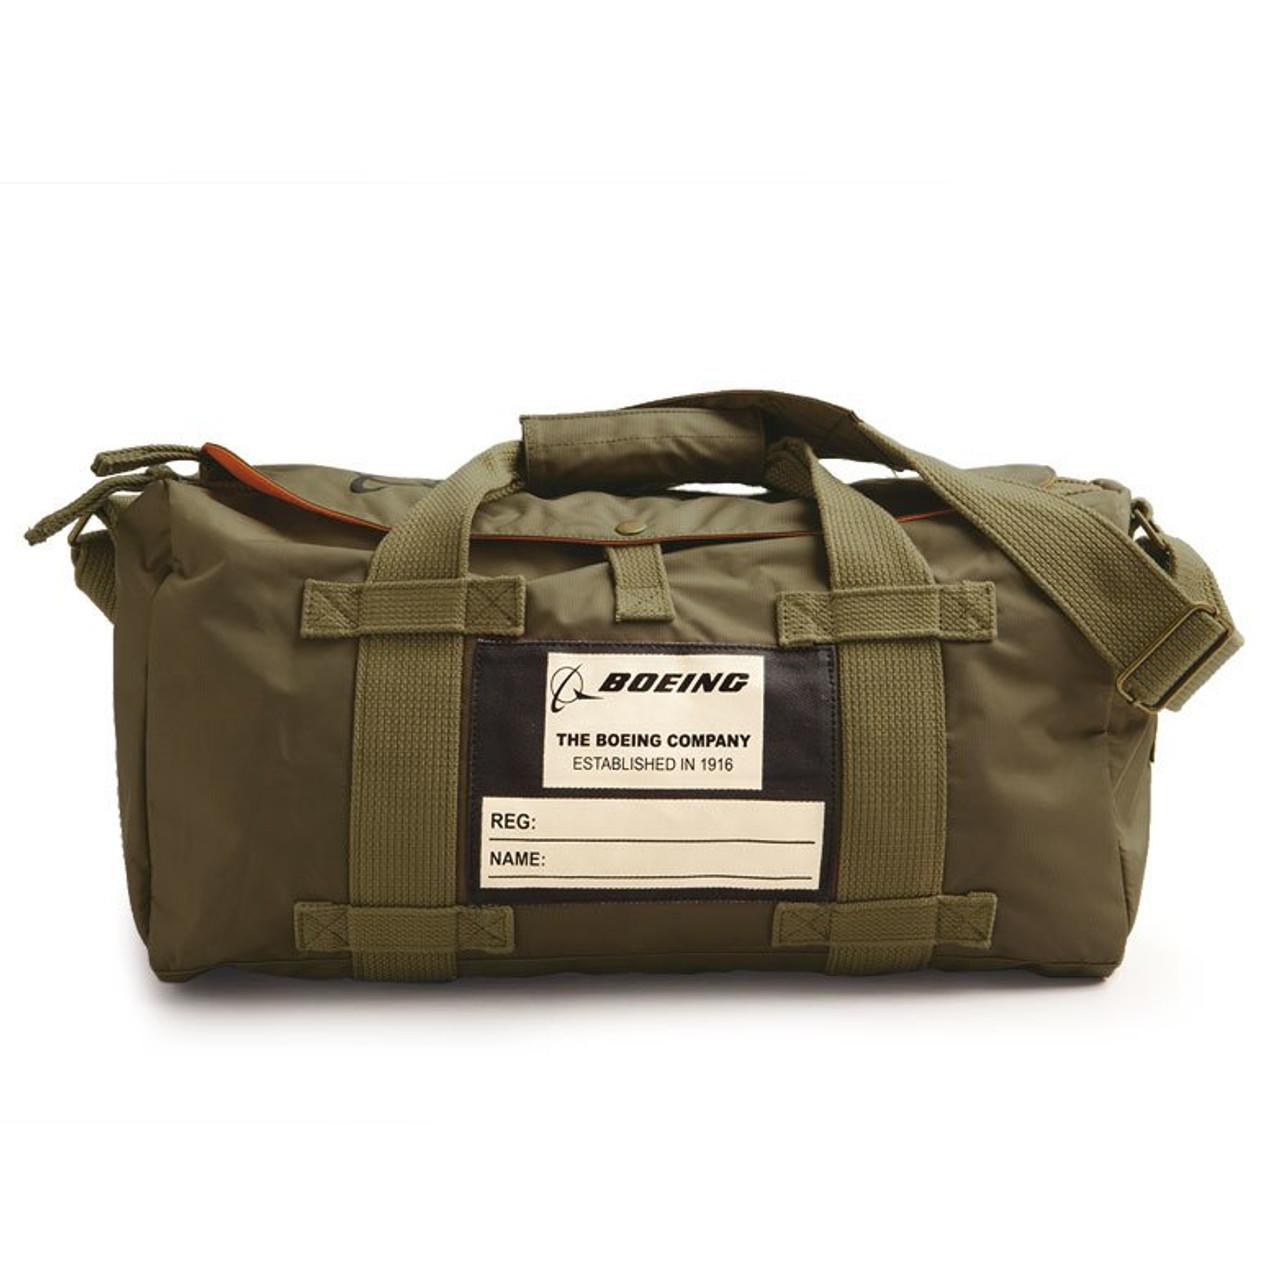 Boeing Nylon Stow Bag